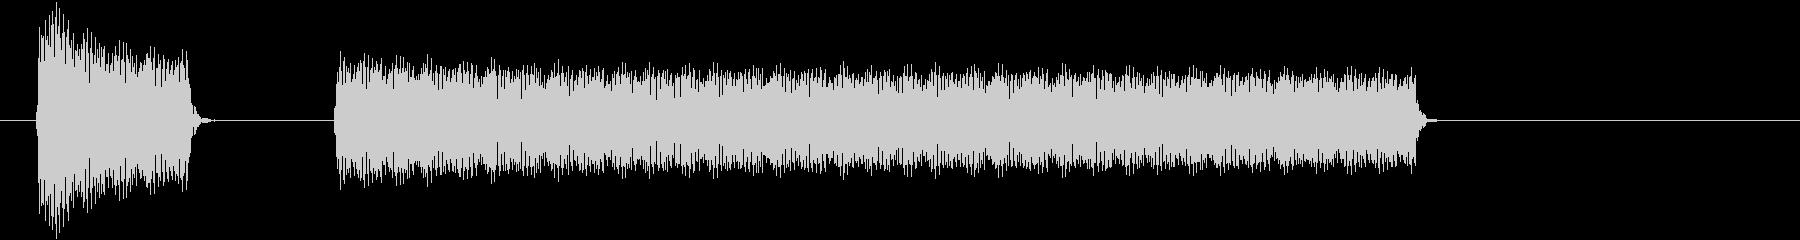 ブブー(クイズ・不正解・ブザー音)01の未再生の波形